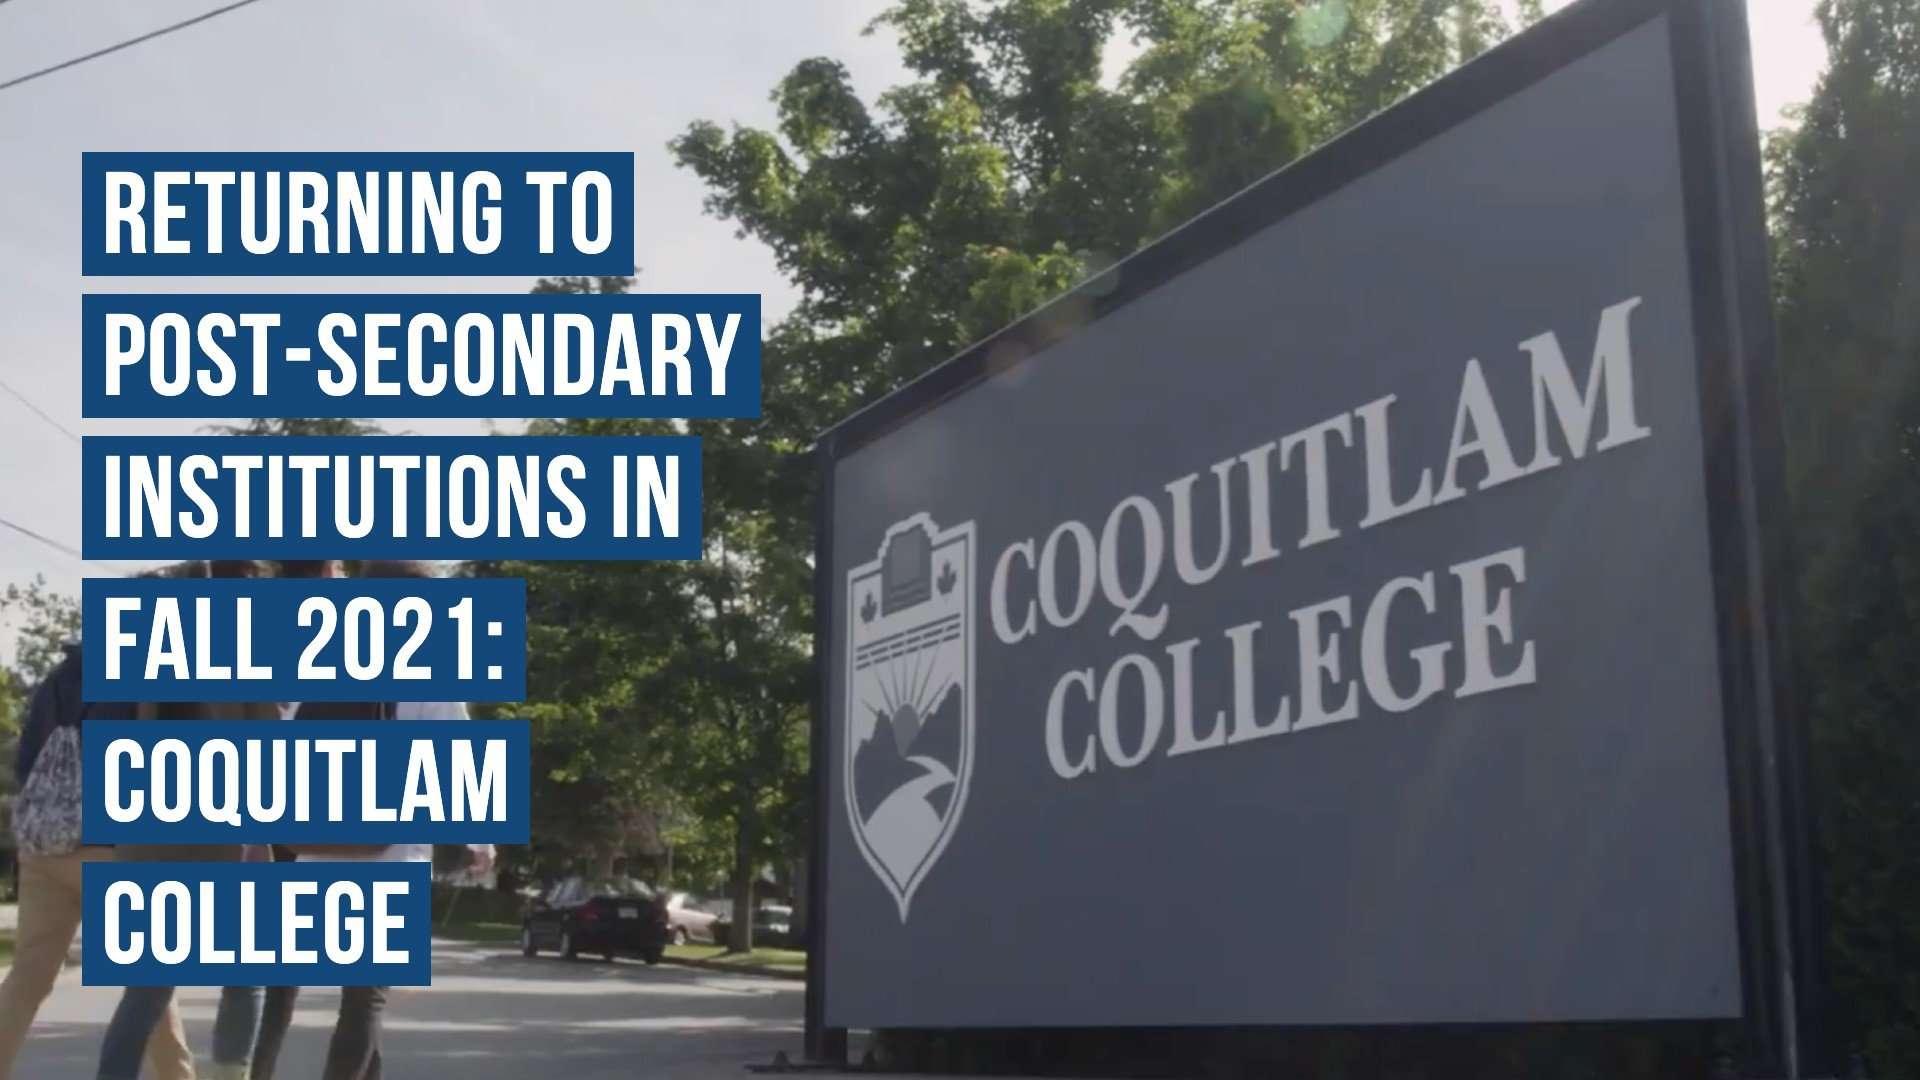 Coquitlam_College_Image